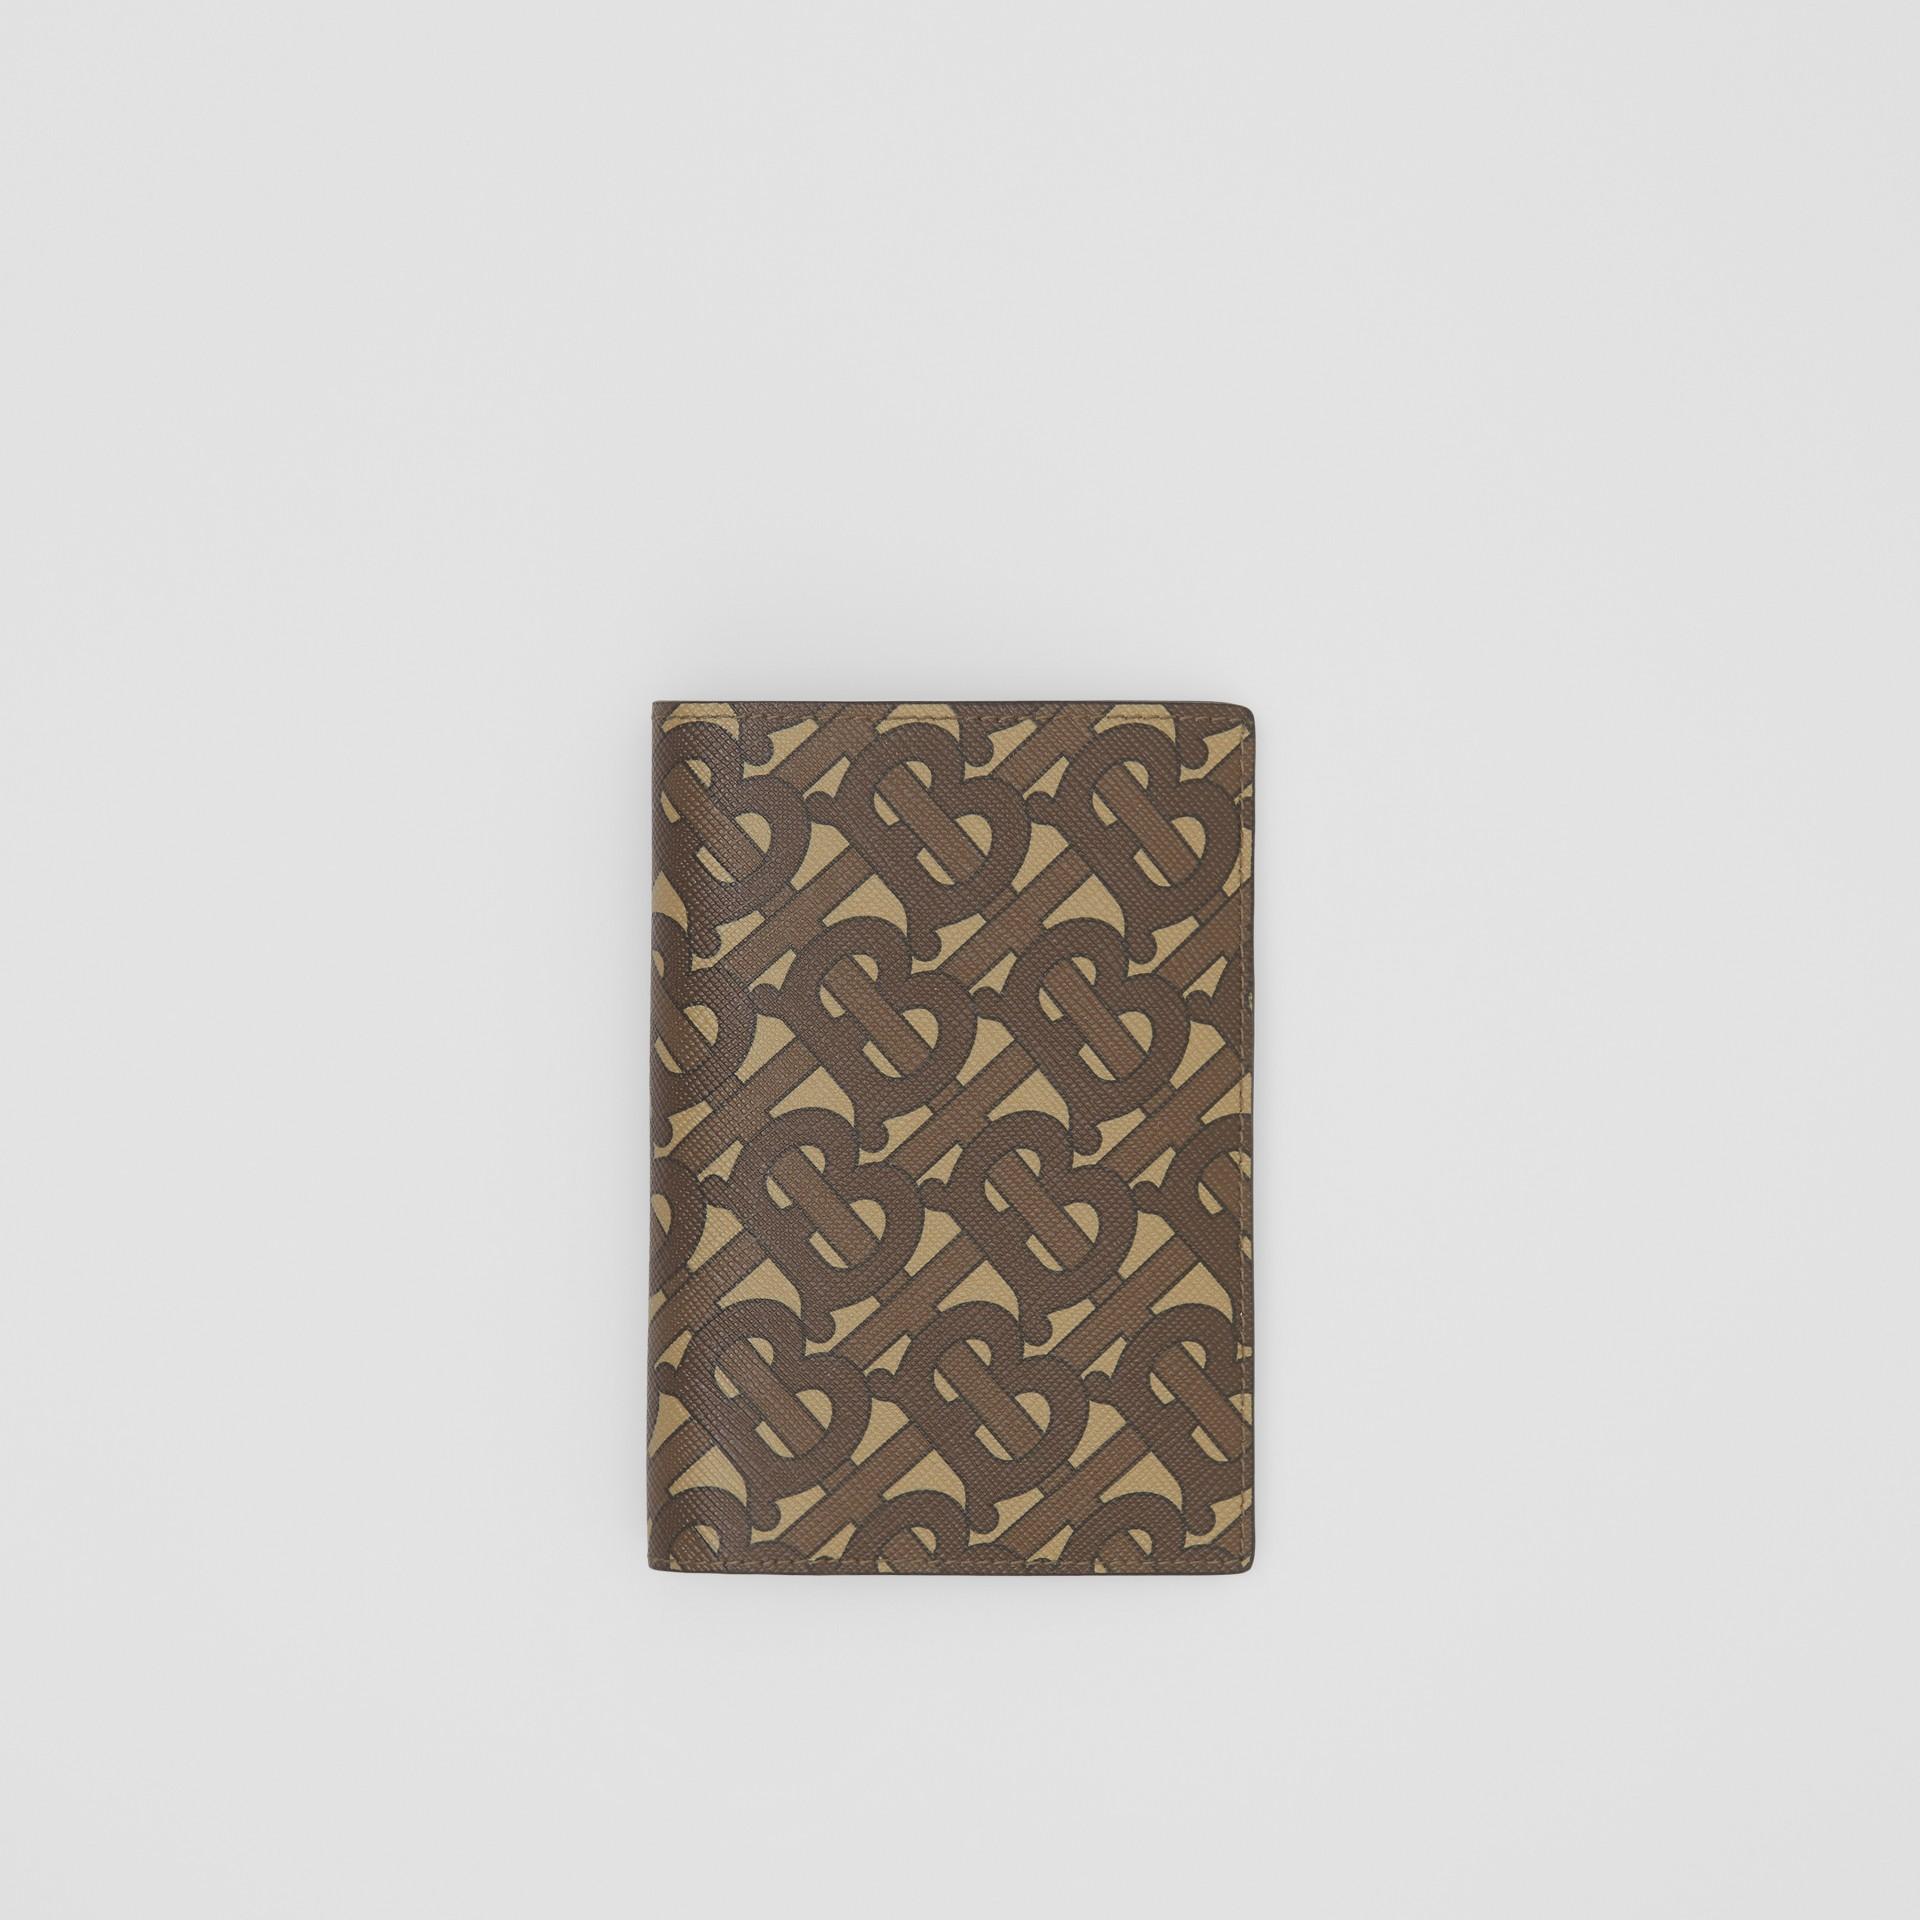 Funda para pasaporte en lona ecológica con estampado de monogramas (Marrón Ecuestre) - Hombre | Burberry - imagen de la galería 0